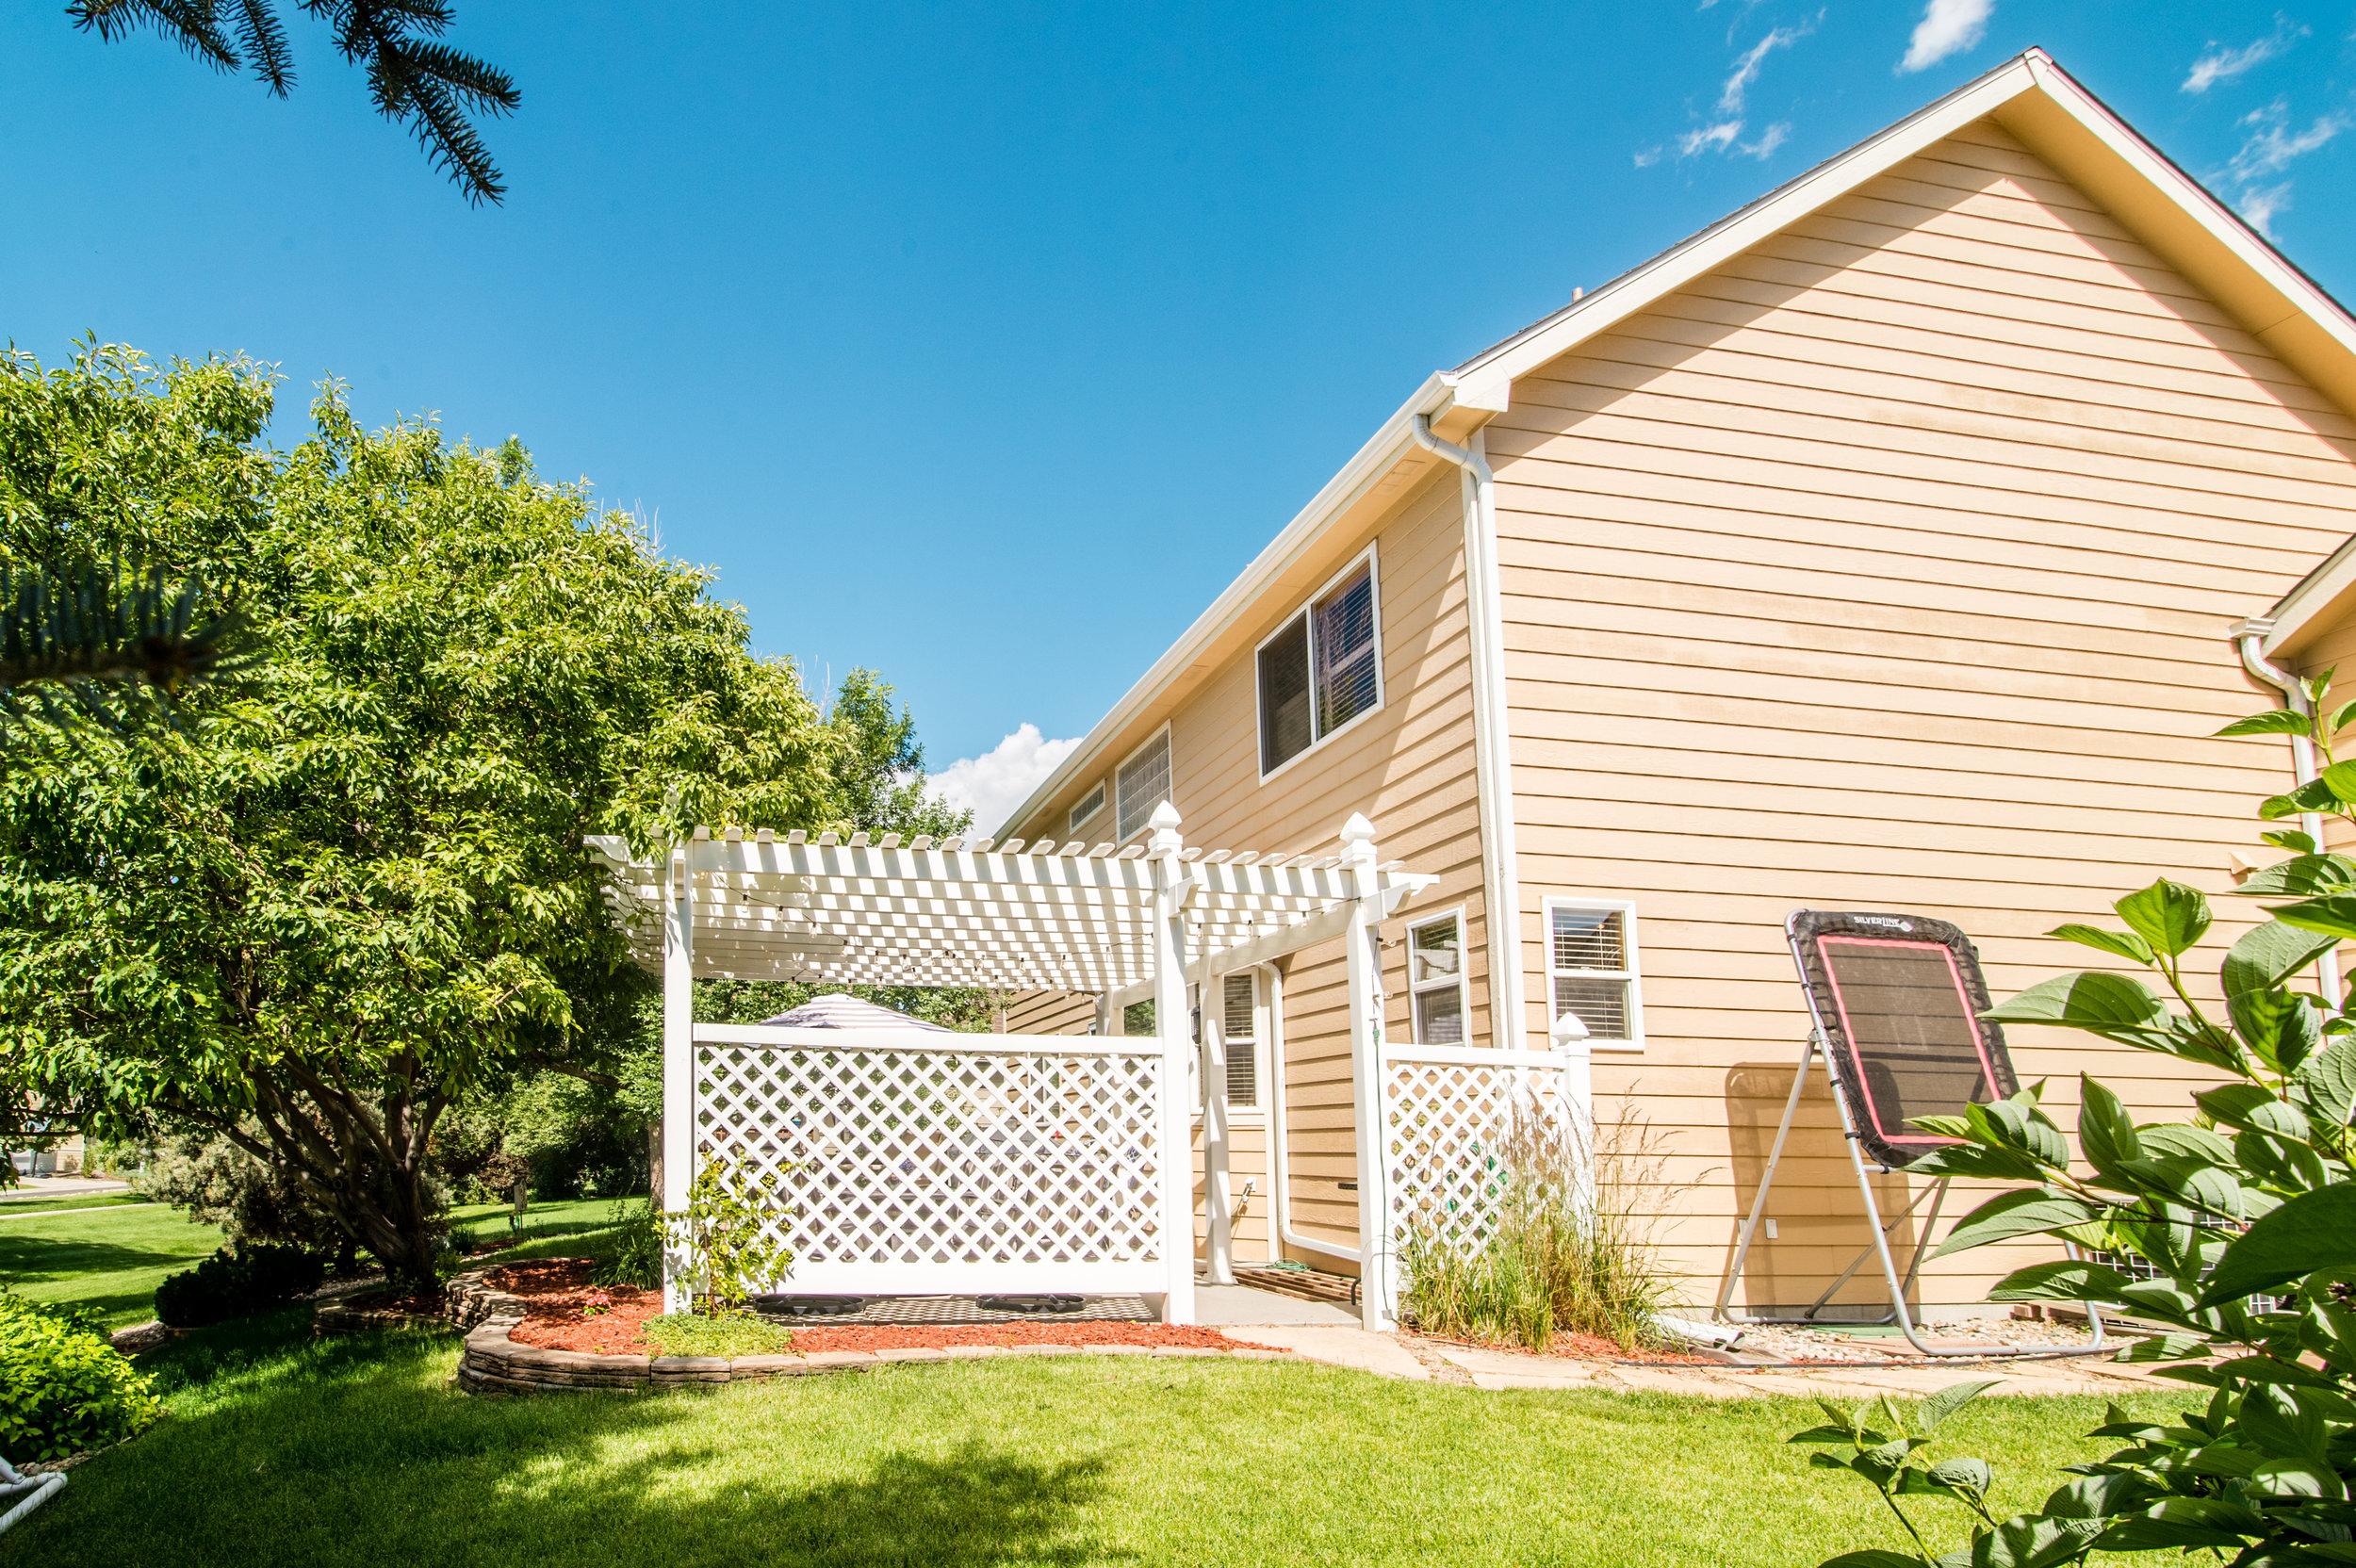 Hops & Homes Listing - 3005 Indigo Cir 2